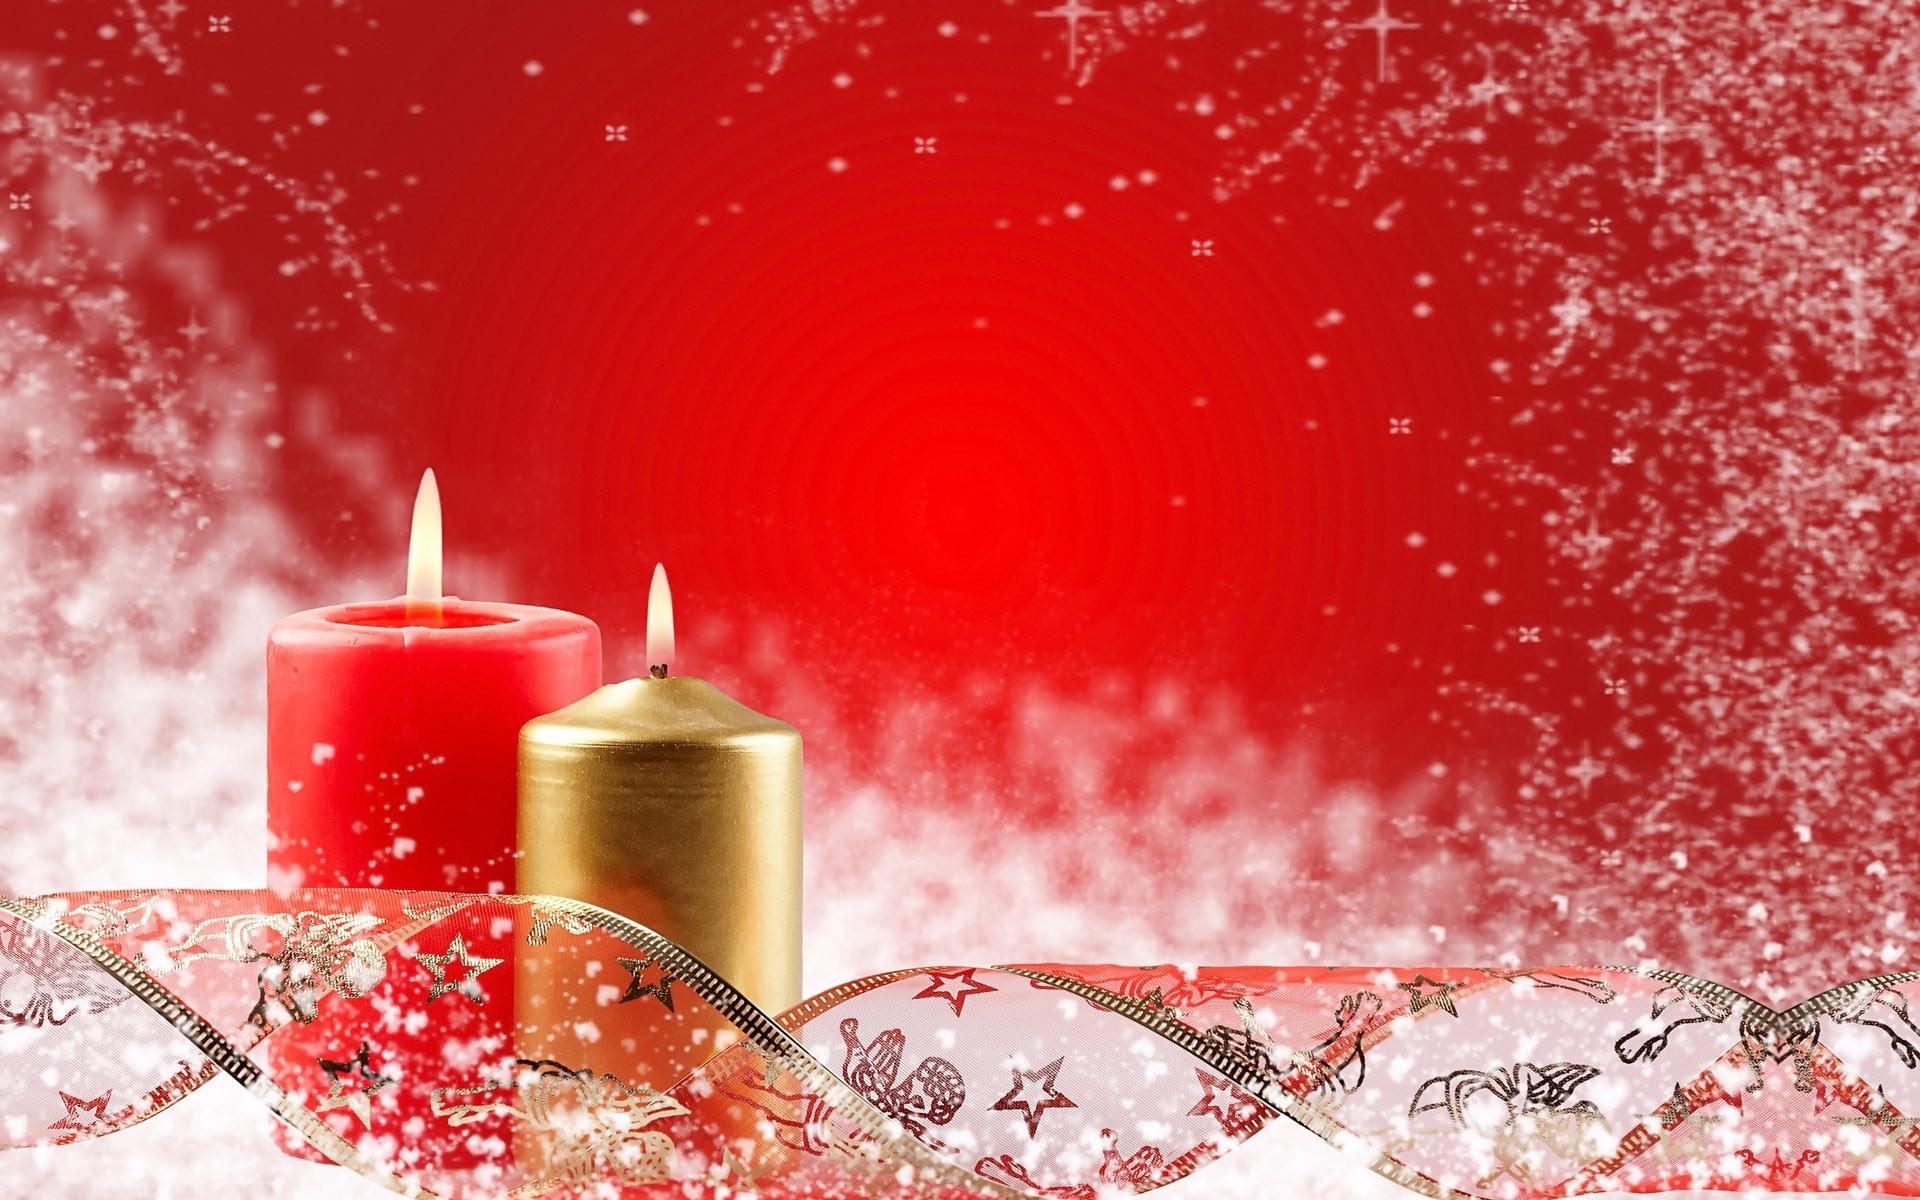 14095 скачать обои Праздники, Фон, Новый Год (New Year), Рождество (Christmas, Xmas), Свечи - заставки и картинки бесплатно